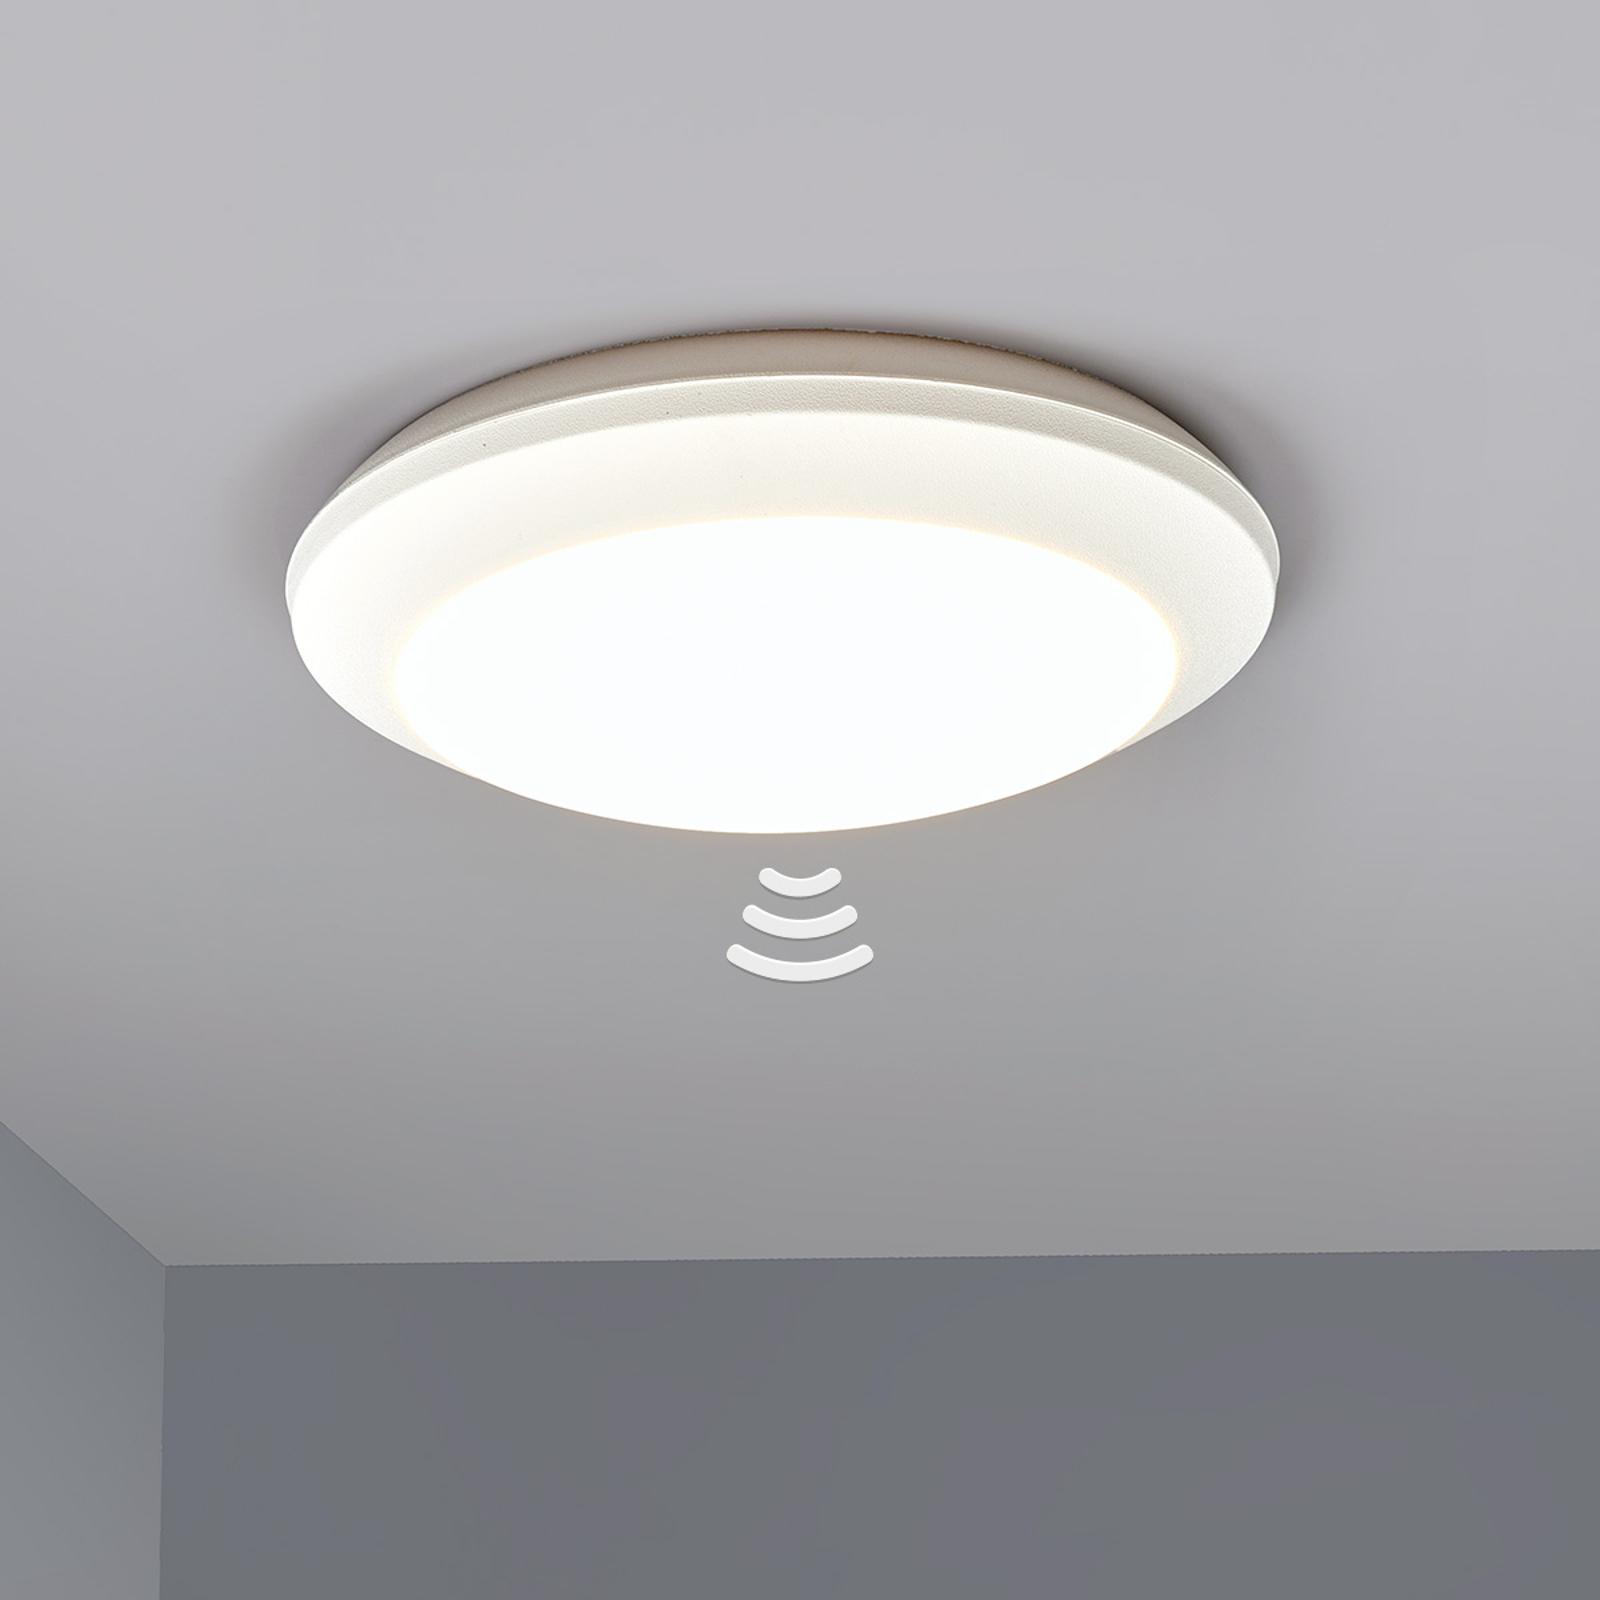 Sensor plafondlamp Umberta 2xE27 wit